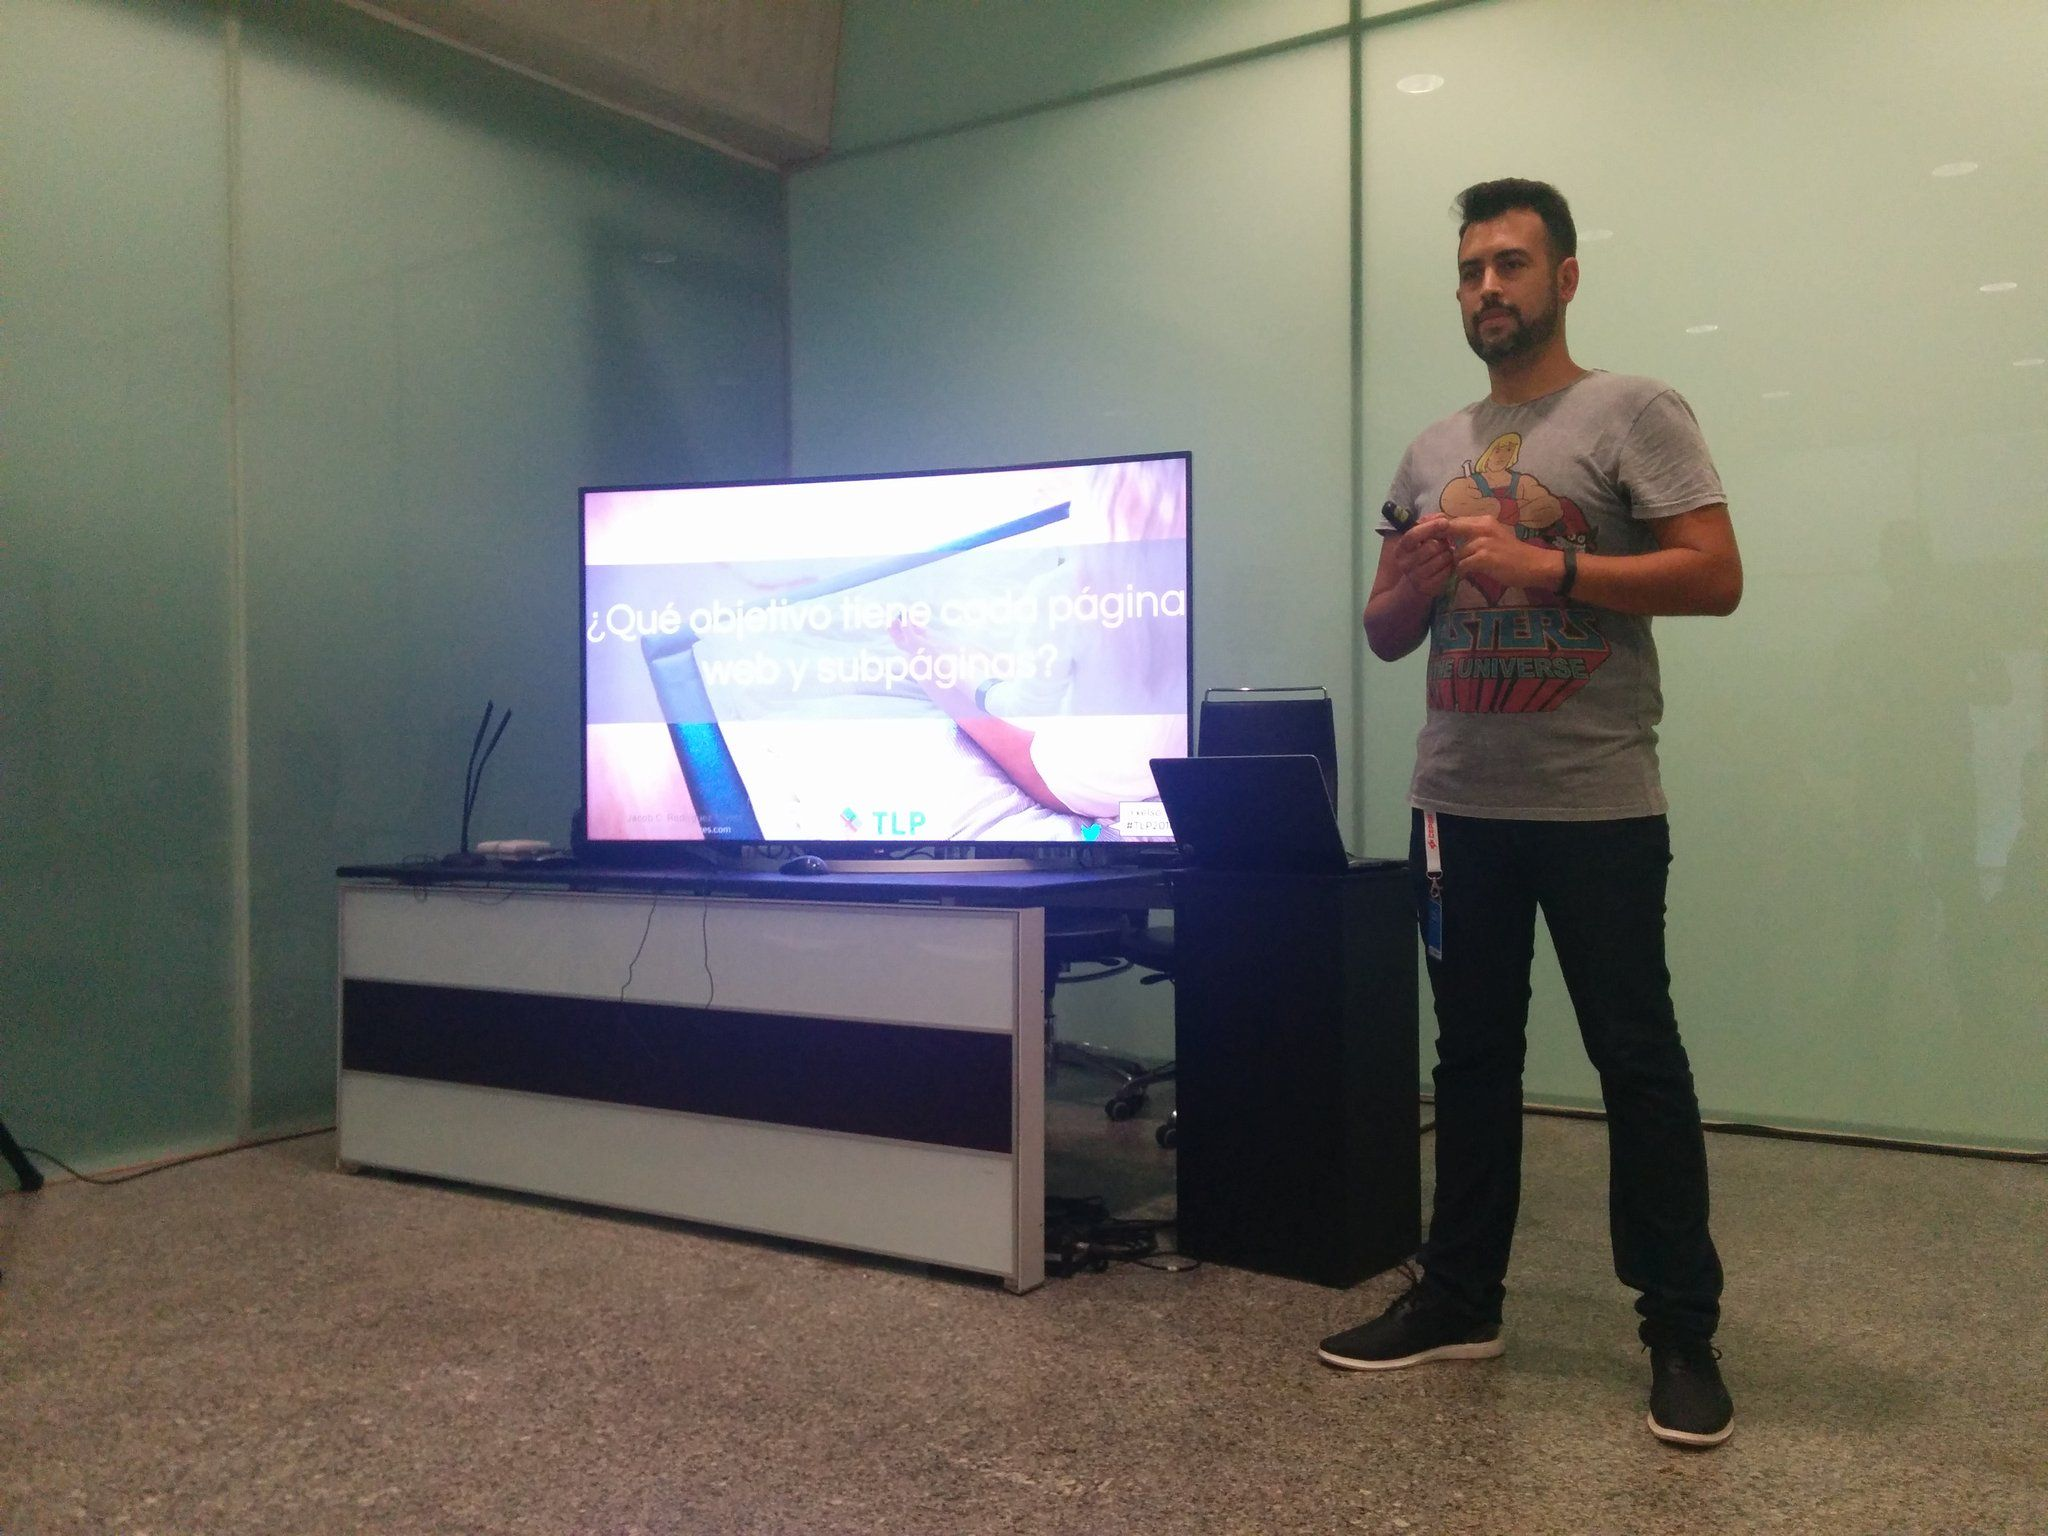 Jacob Rodríguez Torres - Charla Google Analtics en TLP2016 - TLPInnova - Tenerife - Foto de Local Coworking